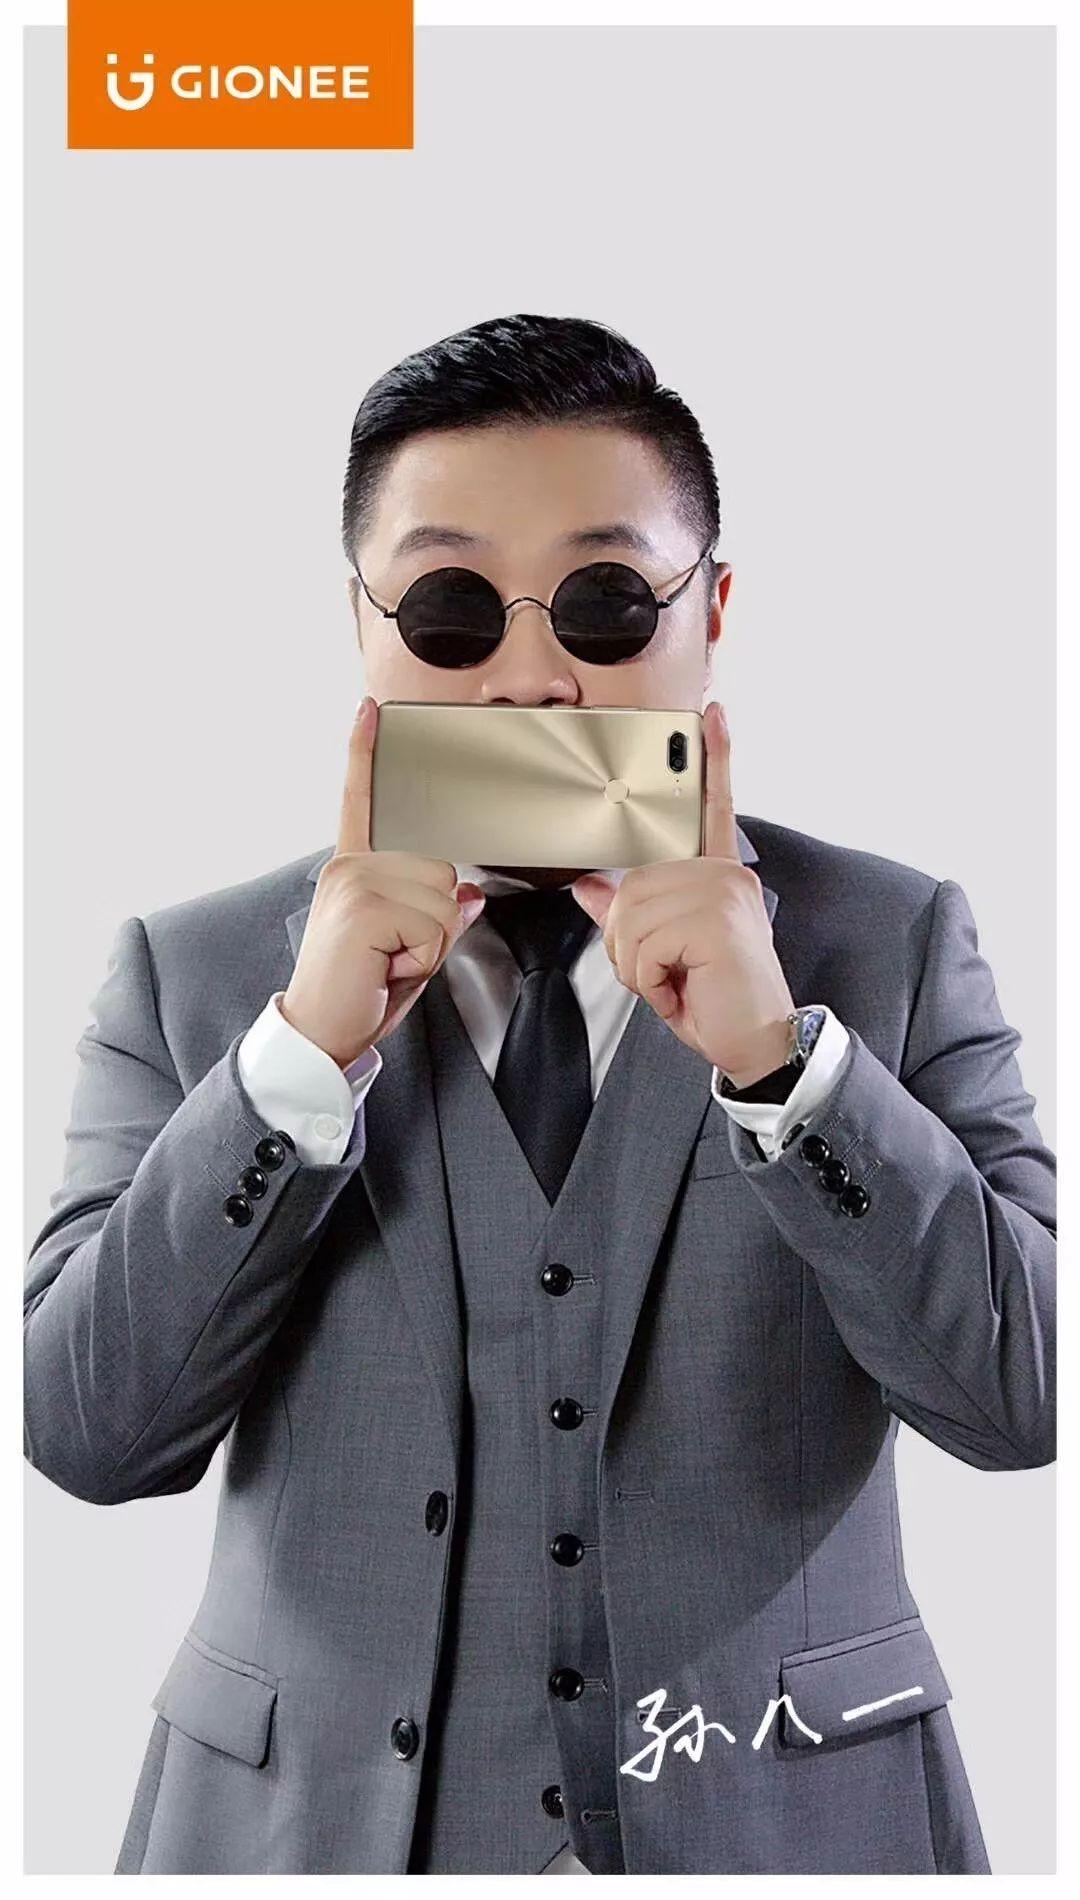 【中國有嘻哈】節目過後接廣告到手軟,嘻哈Rapper憑什麼身價暴漲?